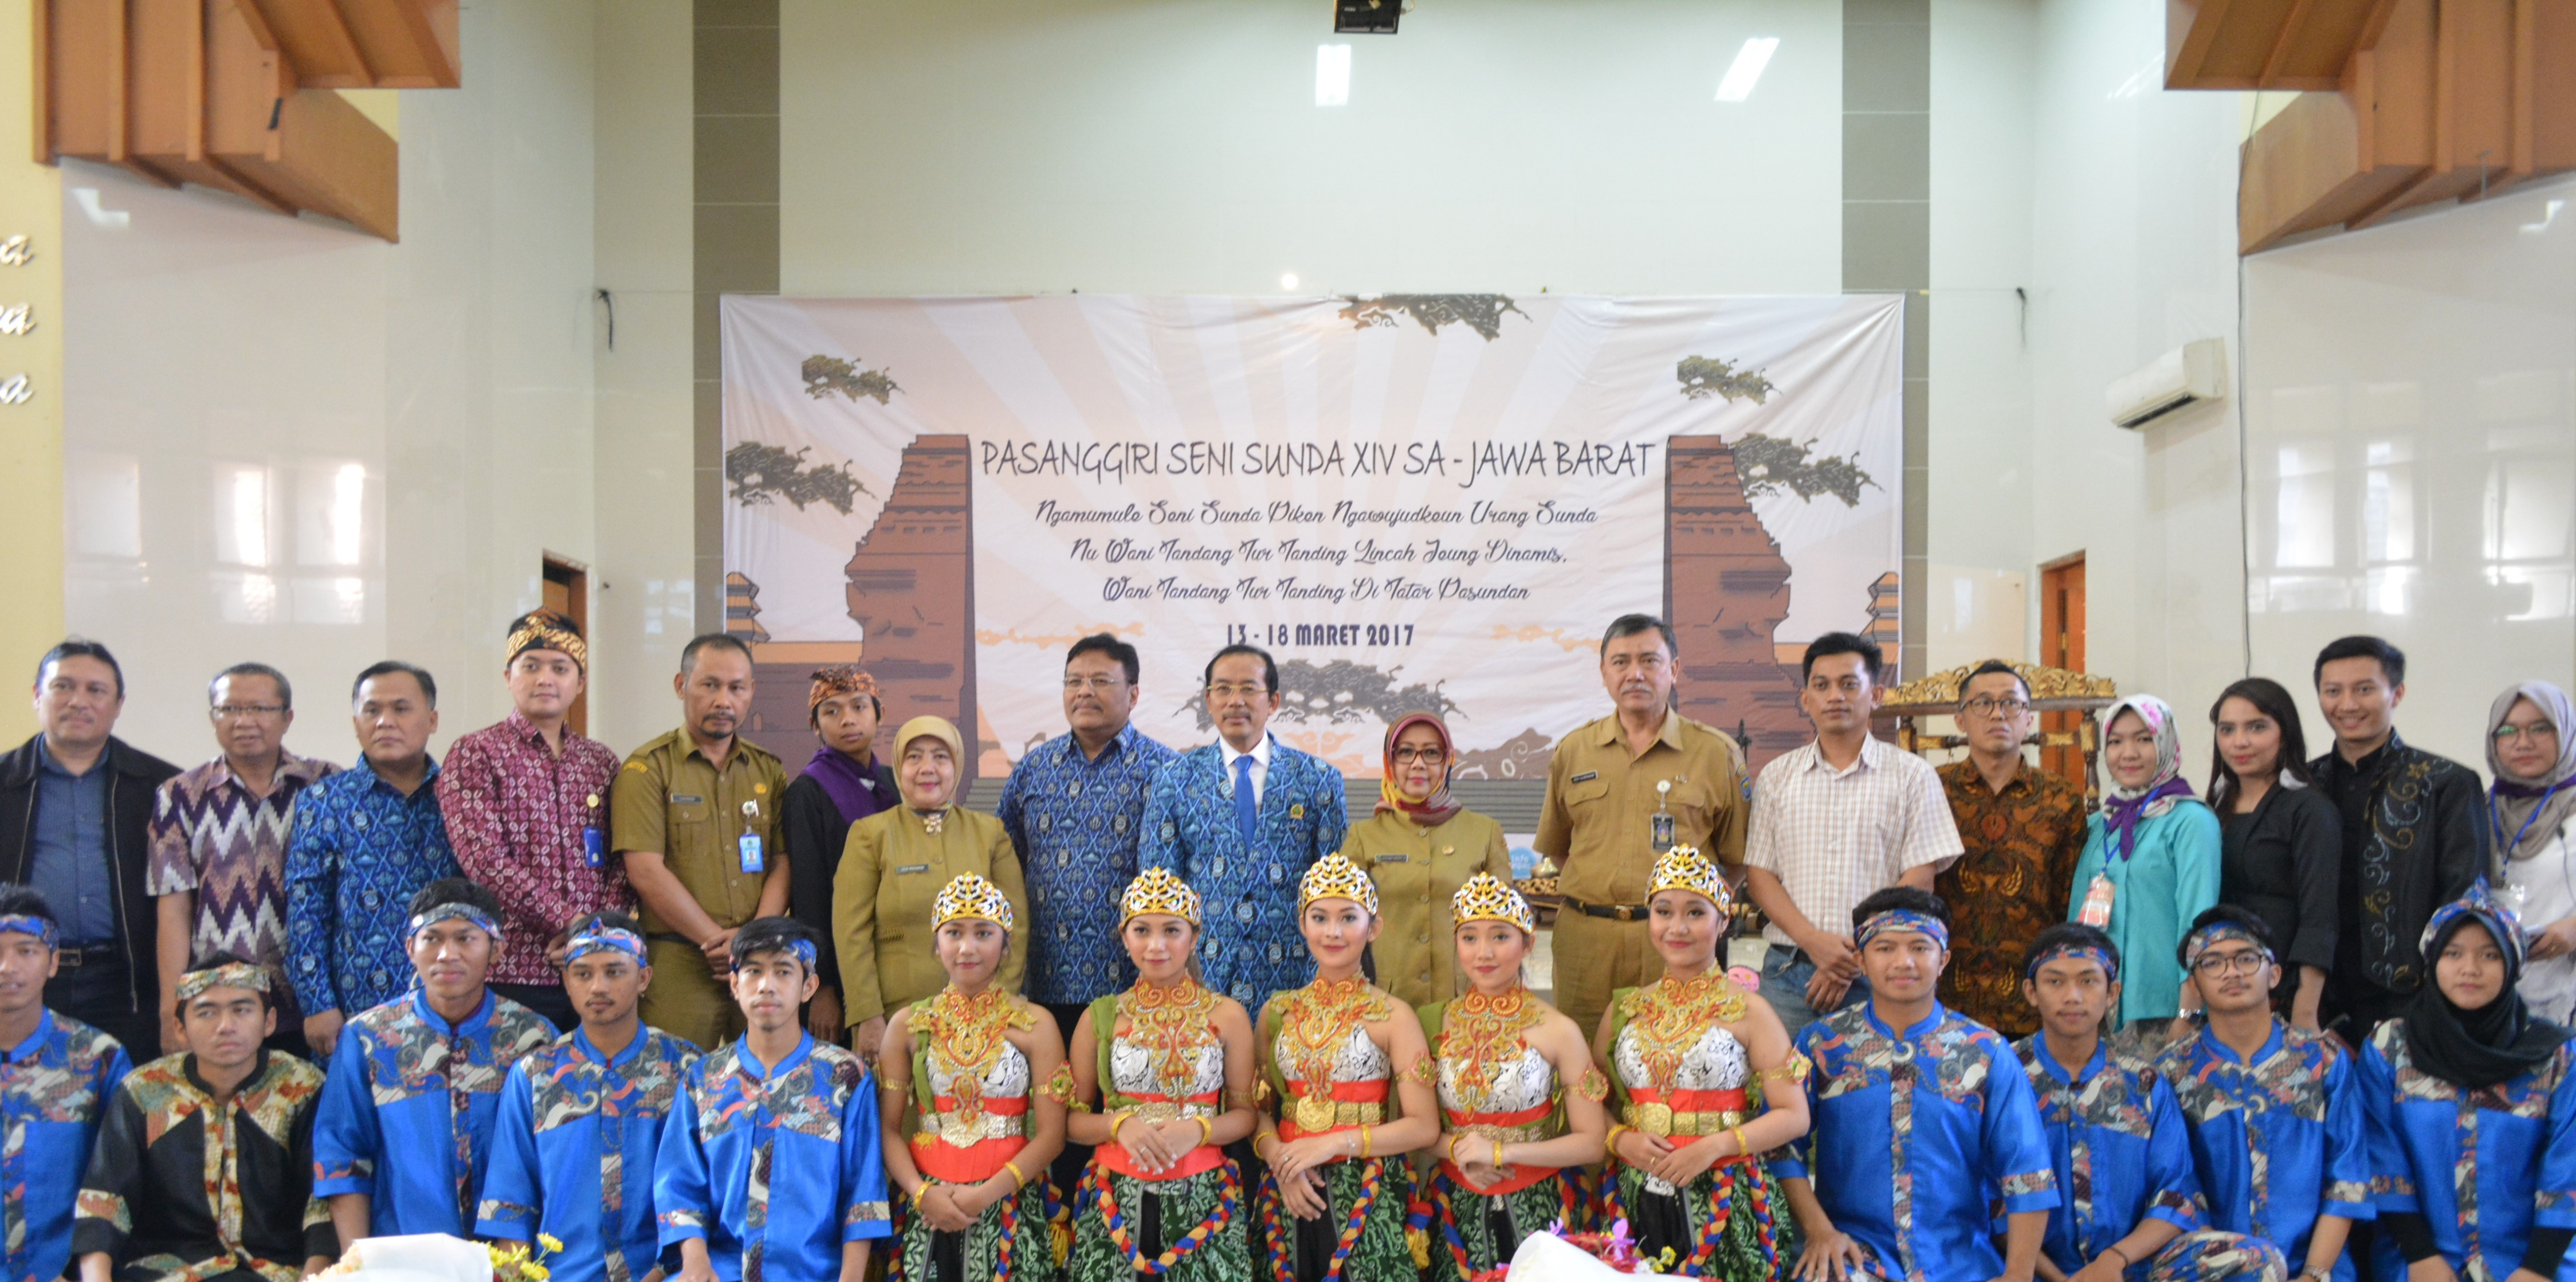 Pasanggiri Seni Sunda Ke Xiv Se Jawa Barat Lisma Universitas